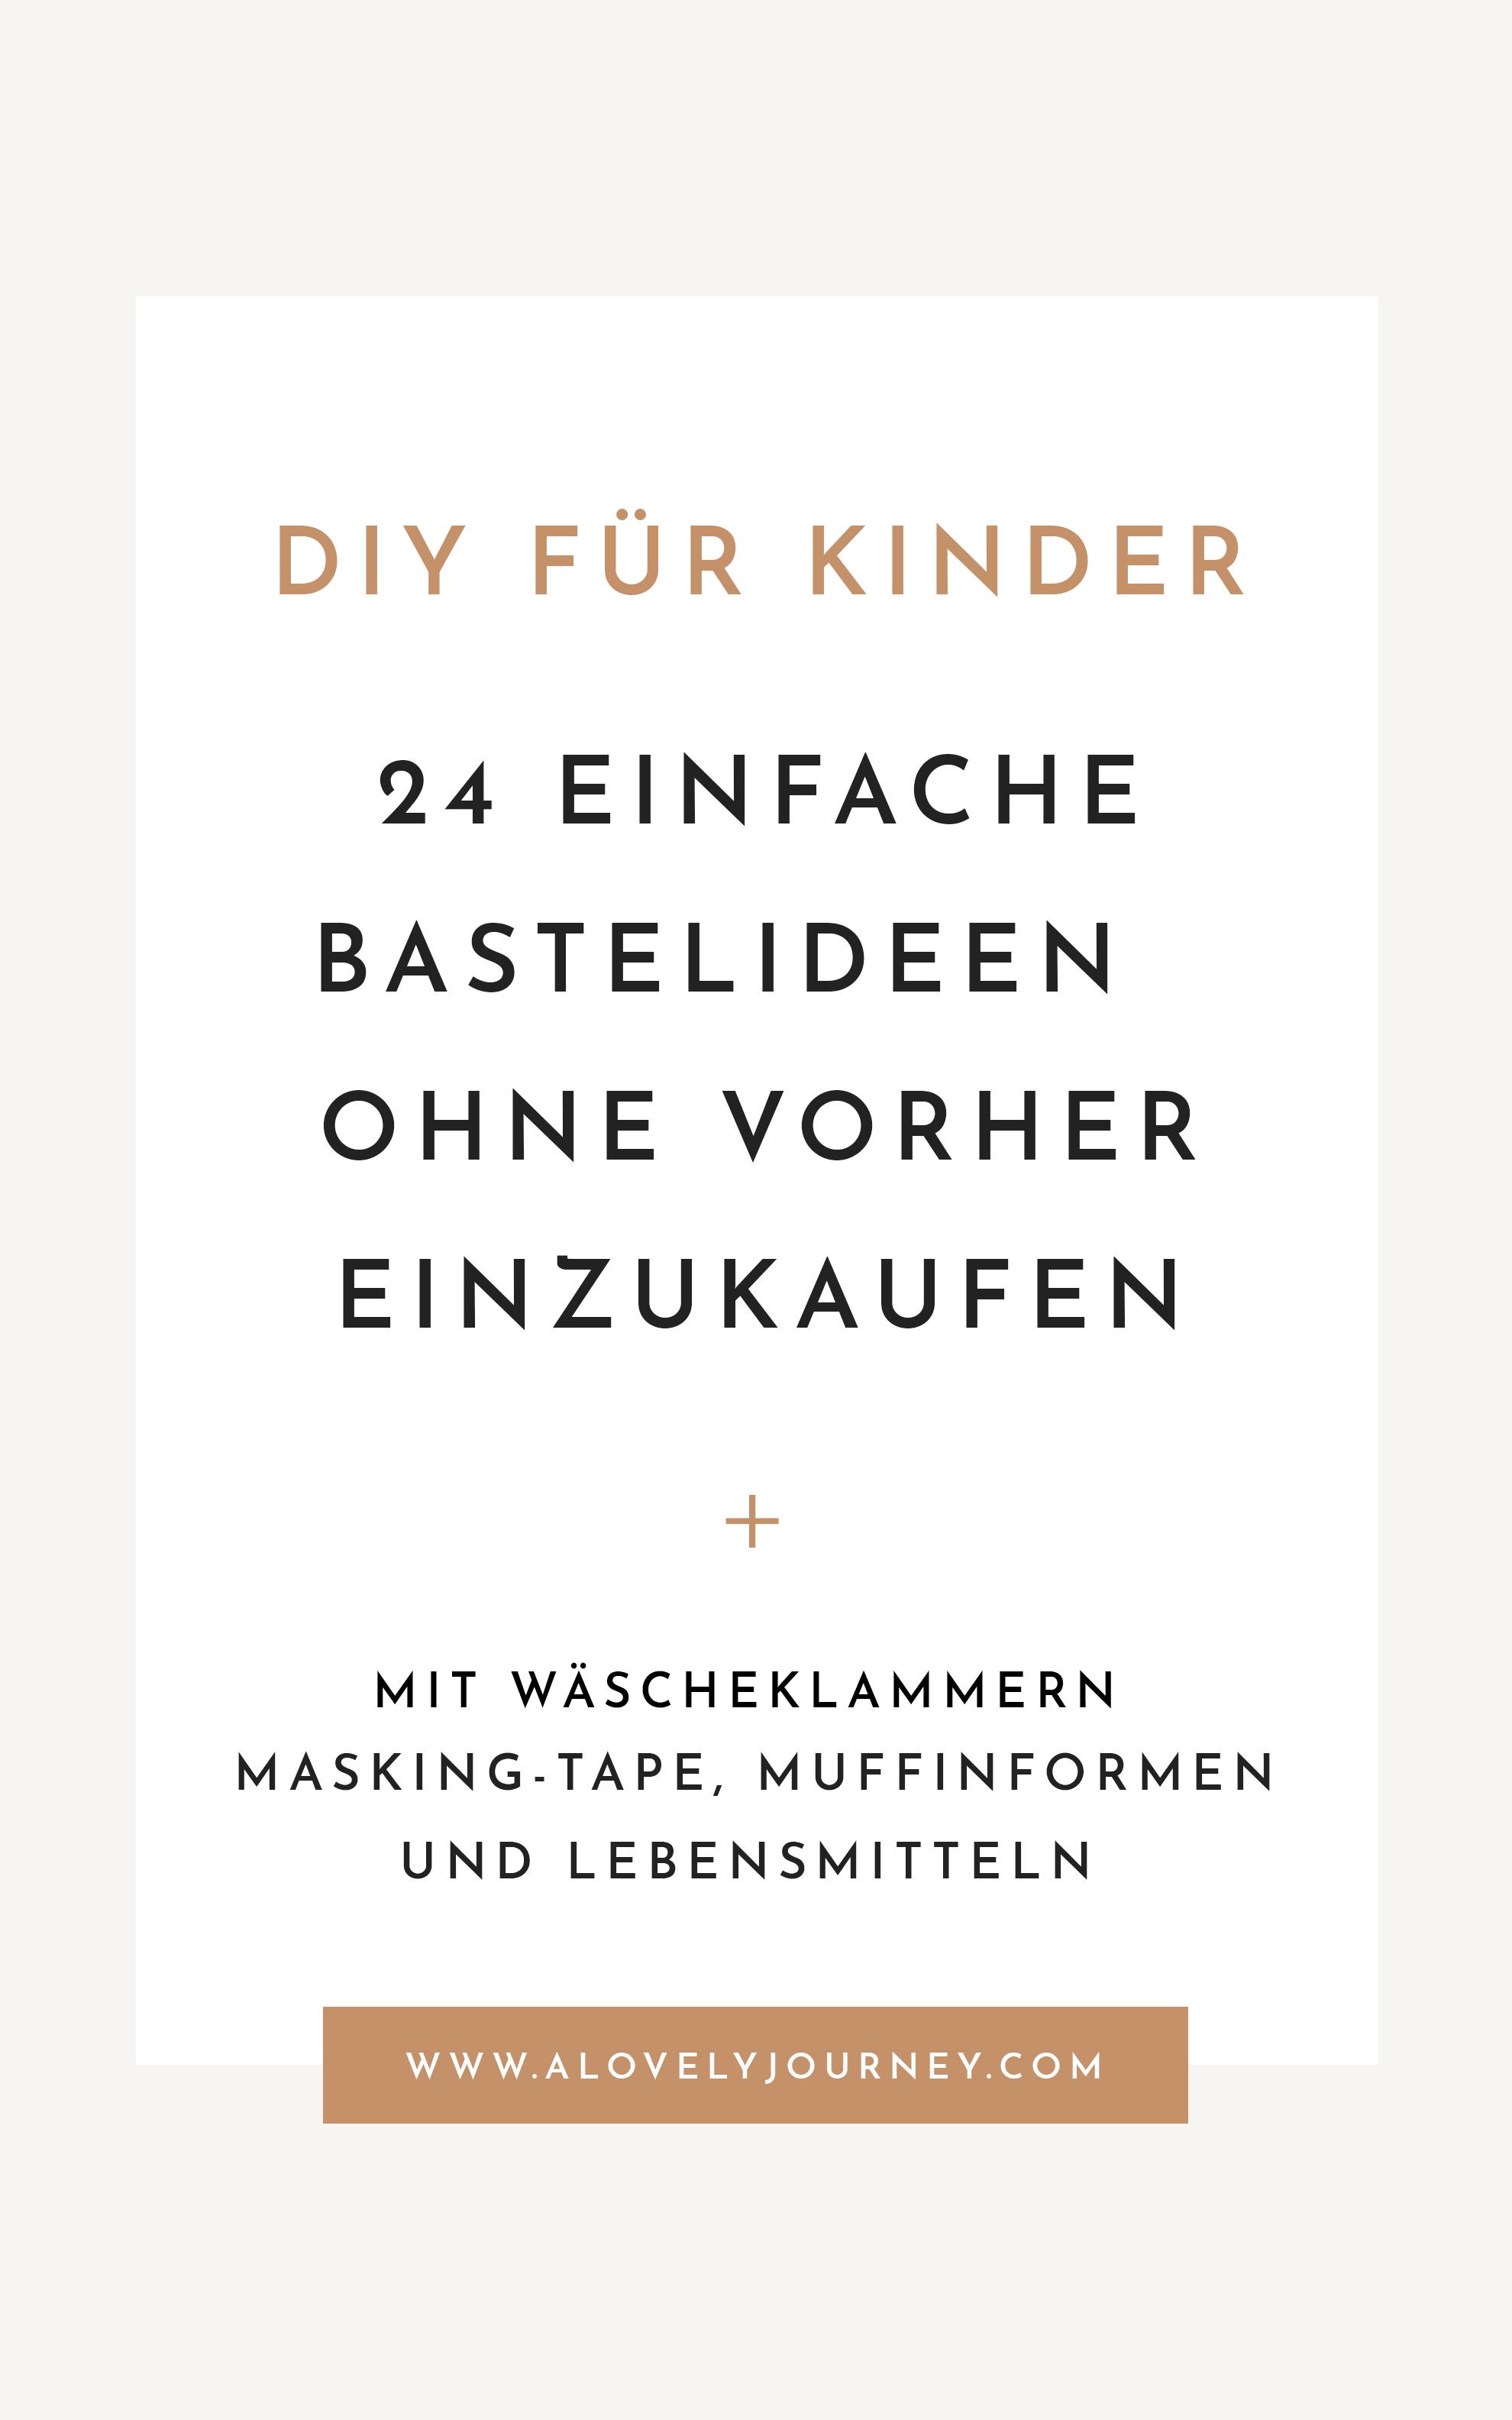 24 Bastelideen für Kinder ohne vorher einzukaufen: Wäscheklammern, Muffinformen, Strohalme, Masking Tape